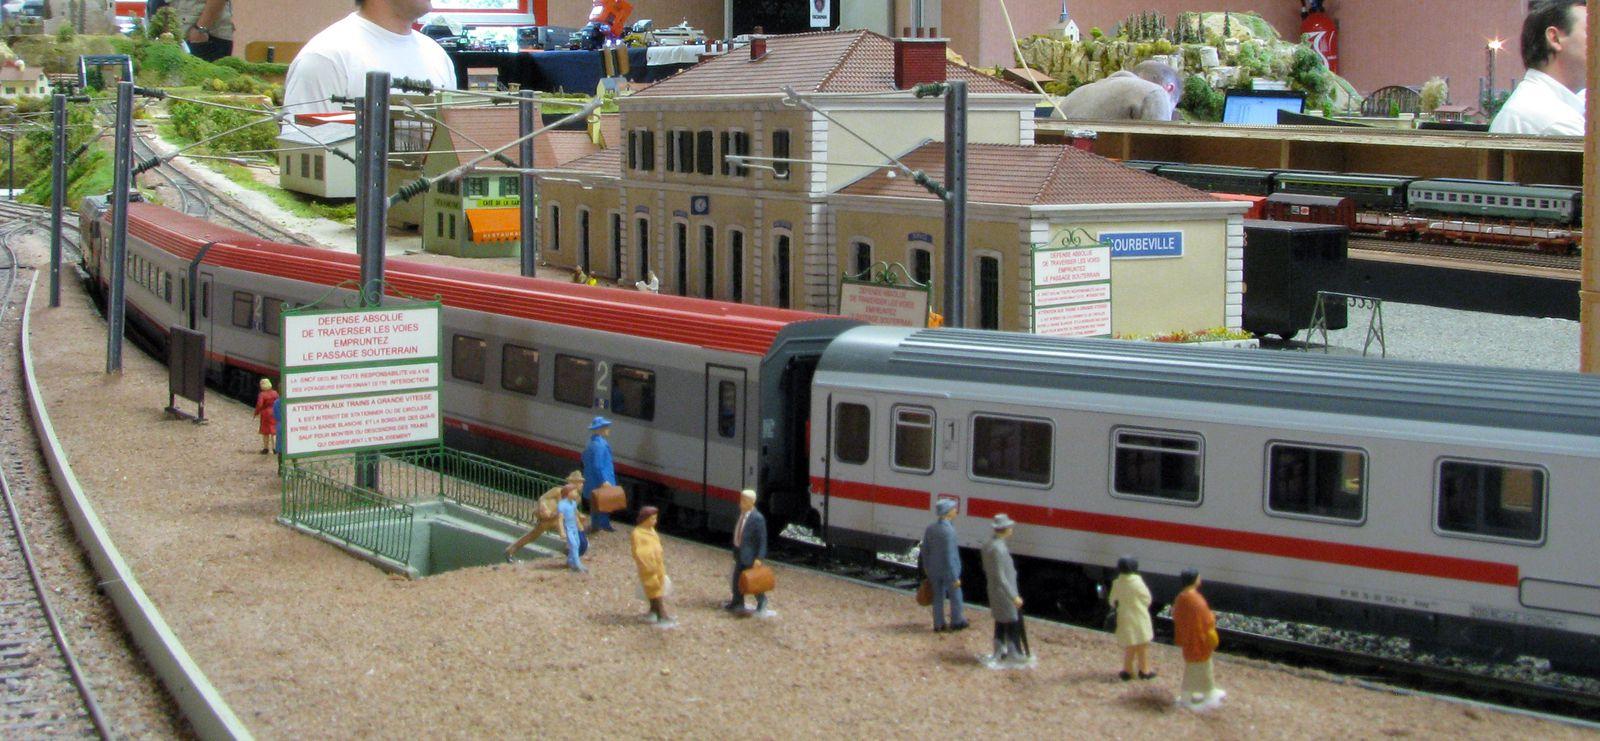 Passage sans arrêt d'un train composé de voitures de la DB en gare de Courbeville.